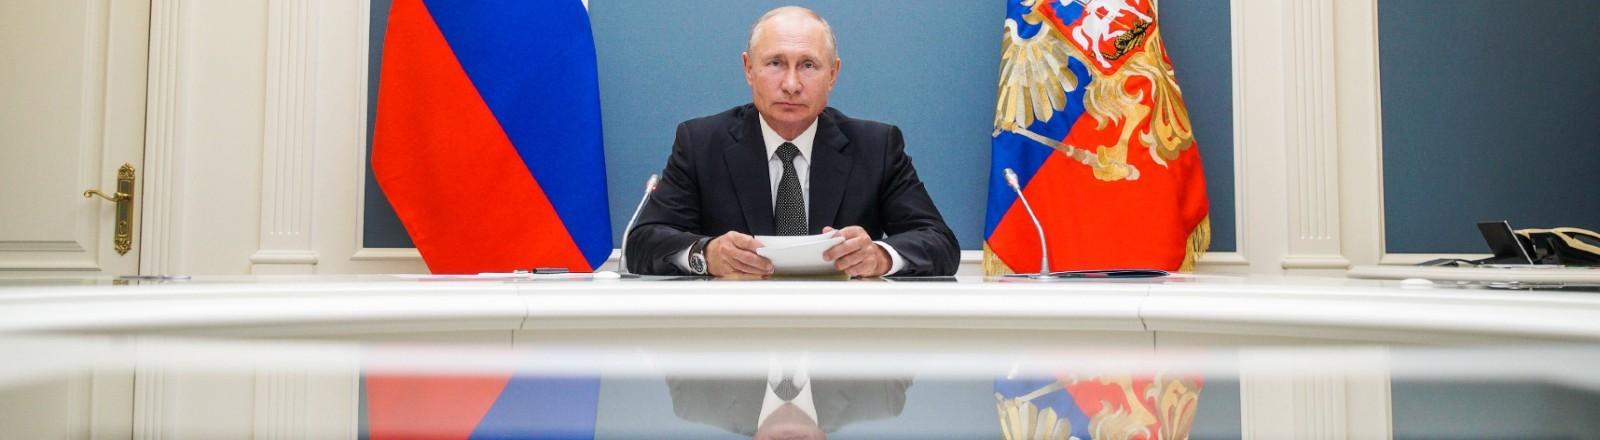 Wladimir Putin sitzt an einem Konferenztisch